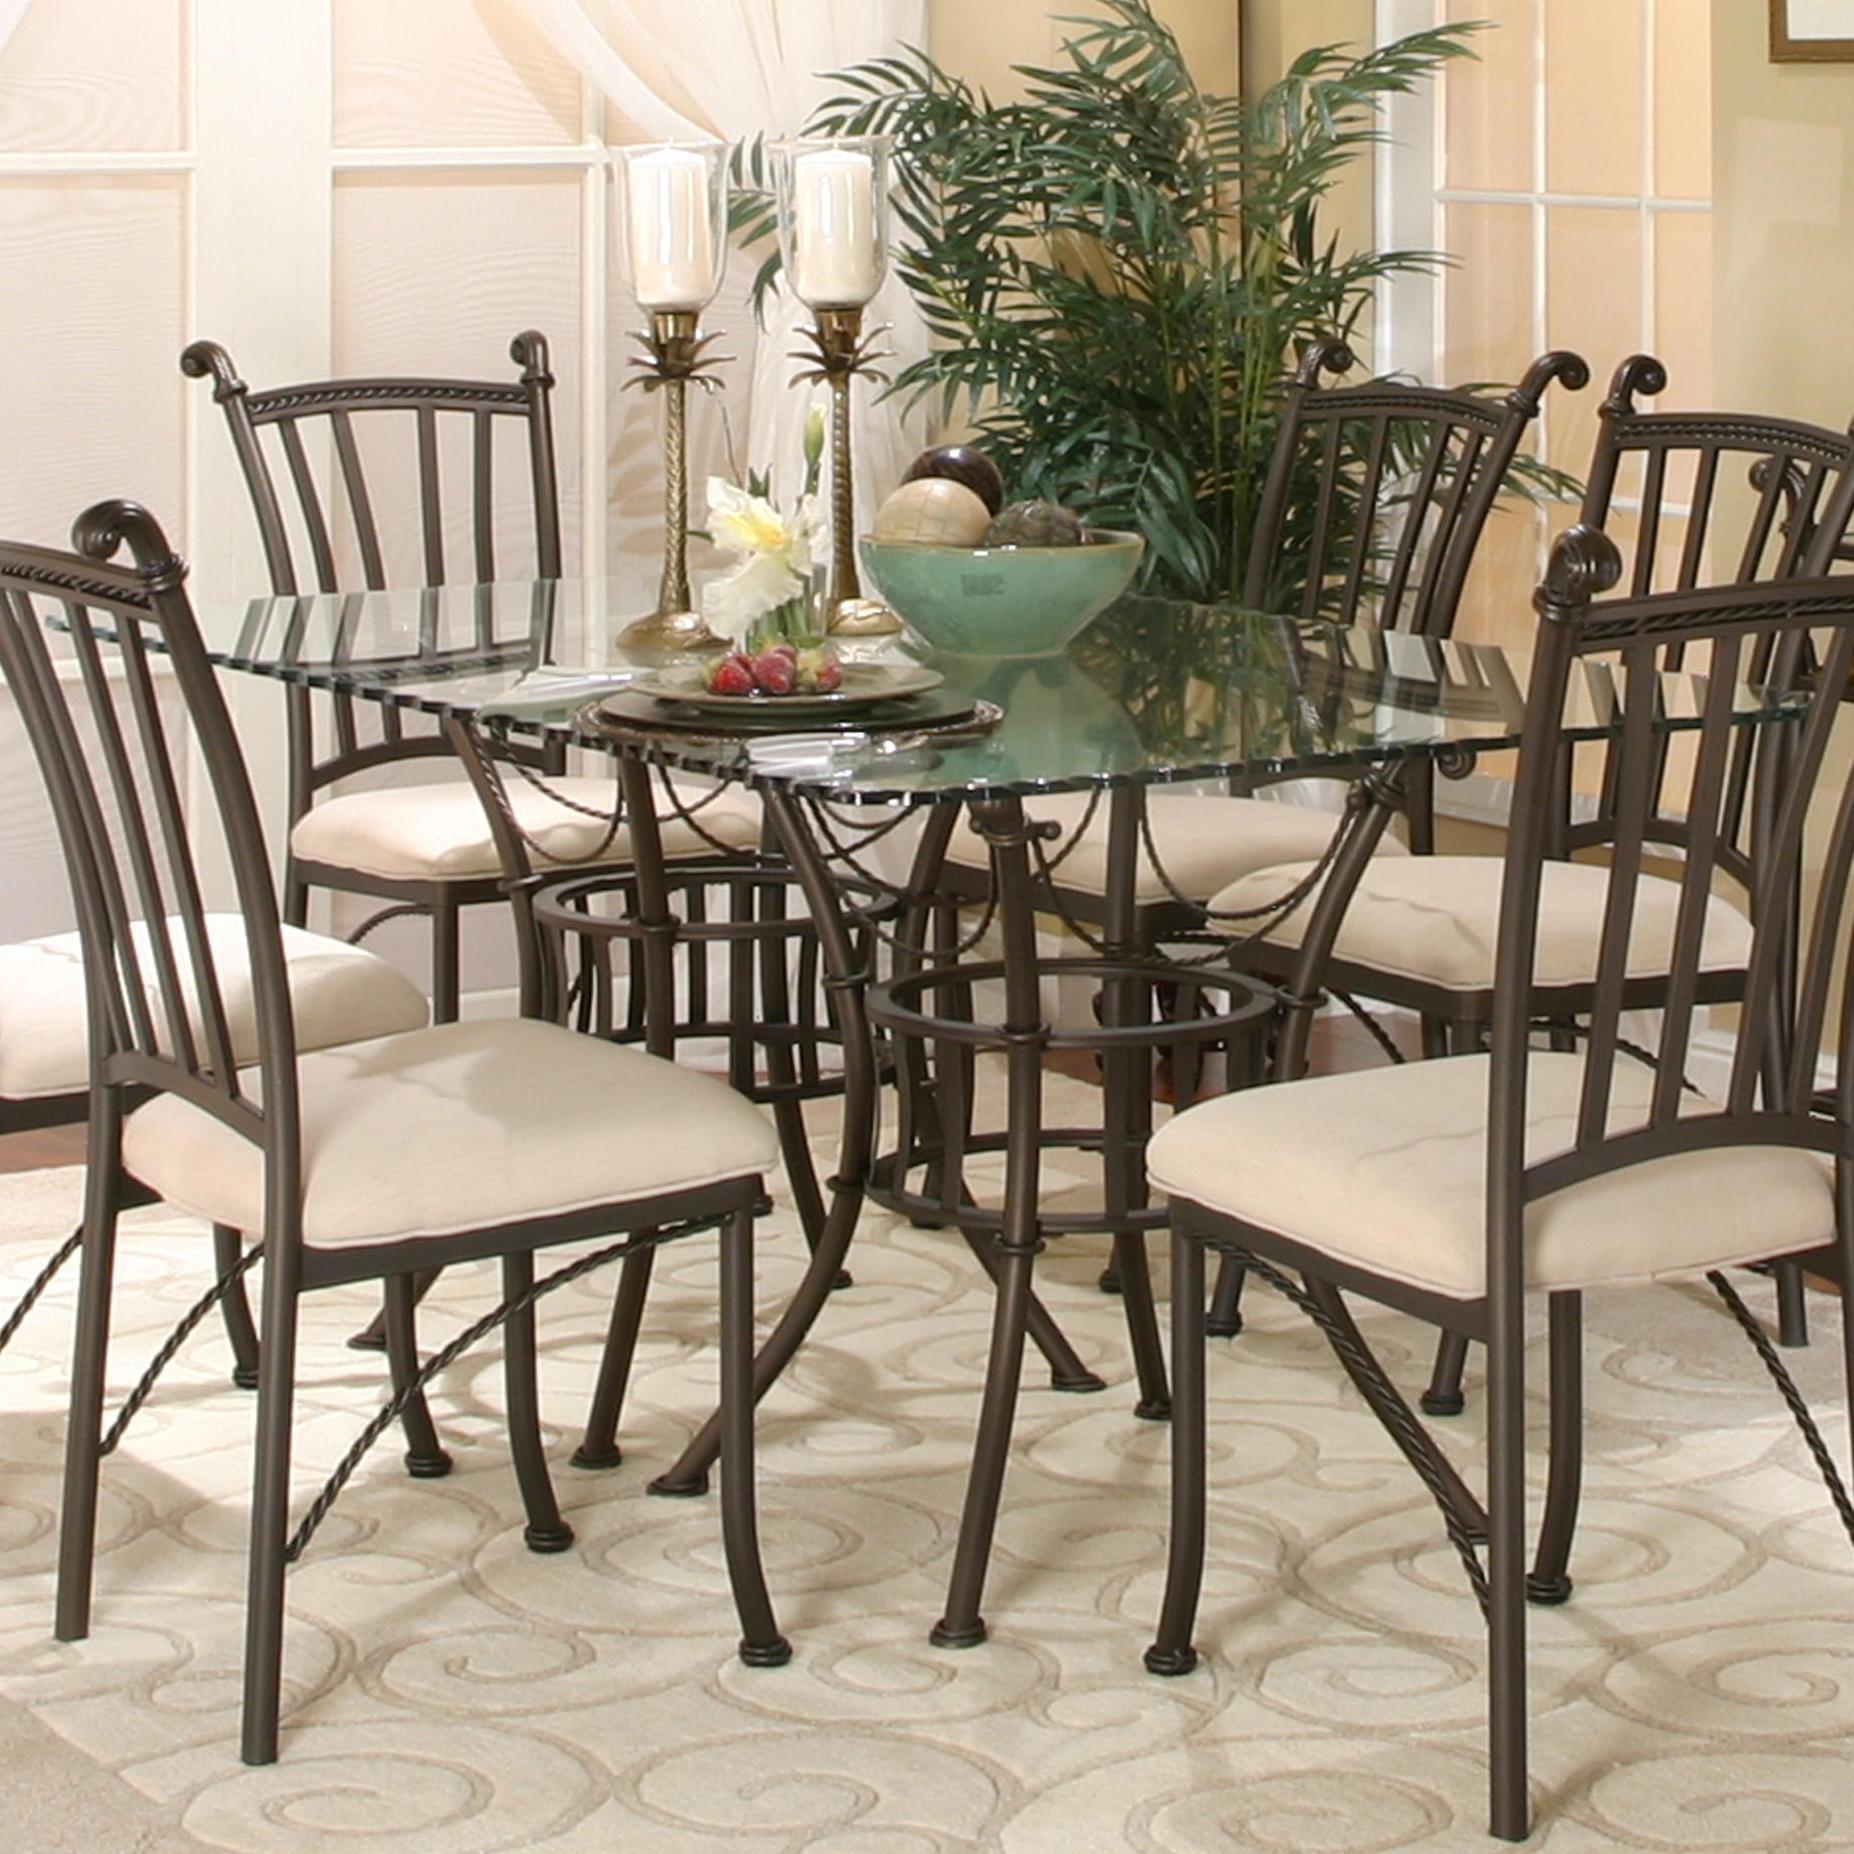 Cramco, Inc Denali Rectangular Glass Table - Item Number: 72095-42+2x47